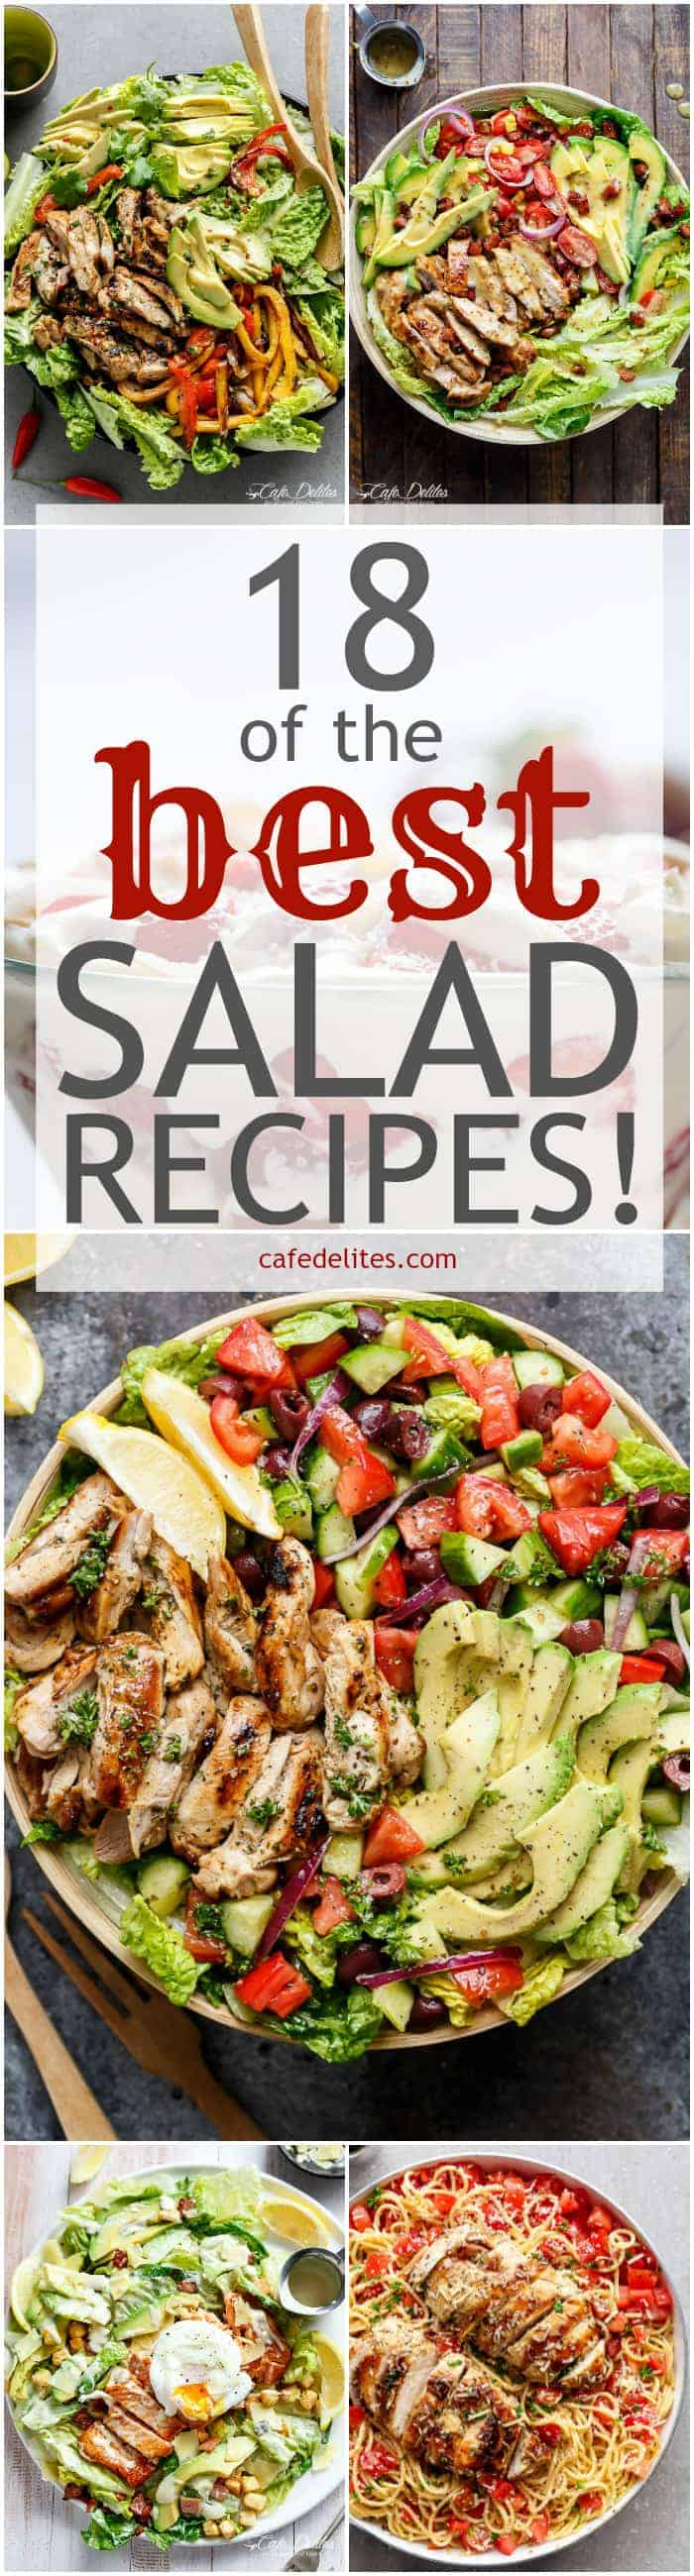 18 Best Salad Recipes | https://cafedelites.com